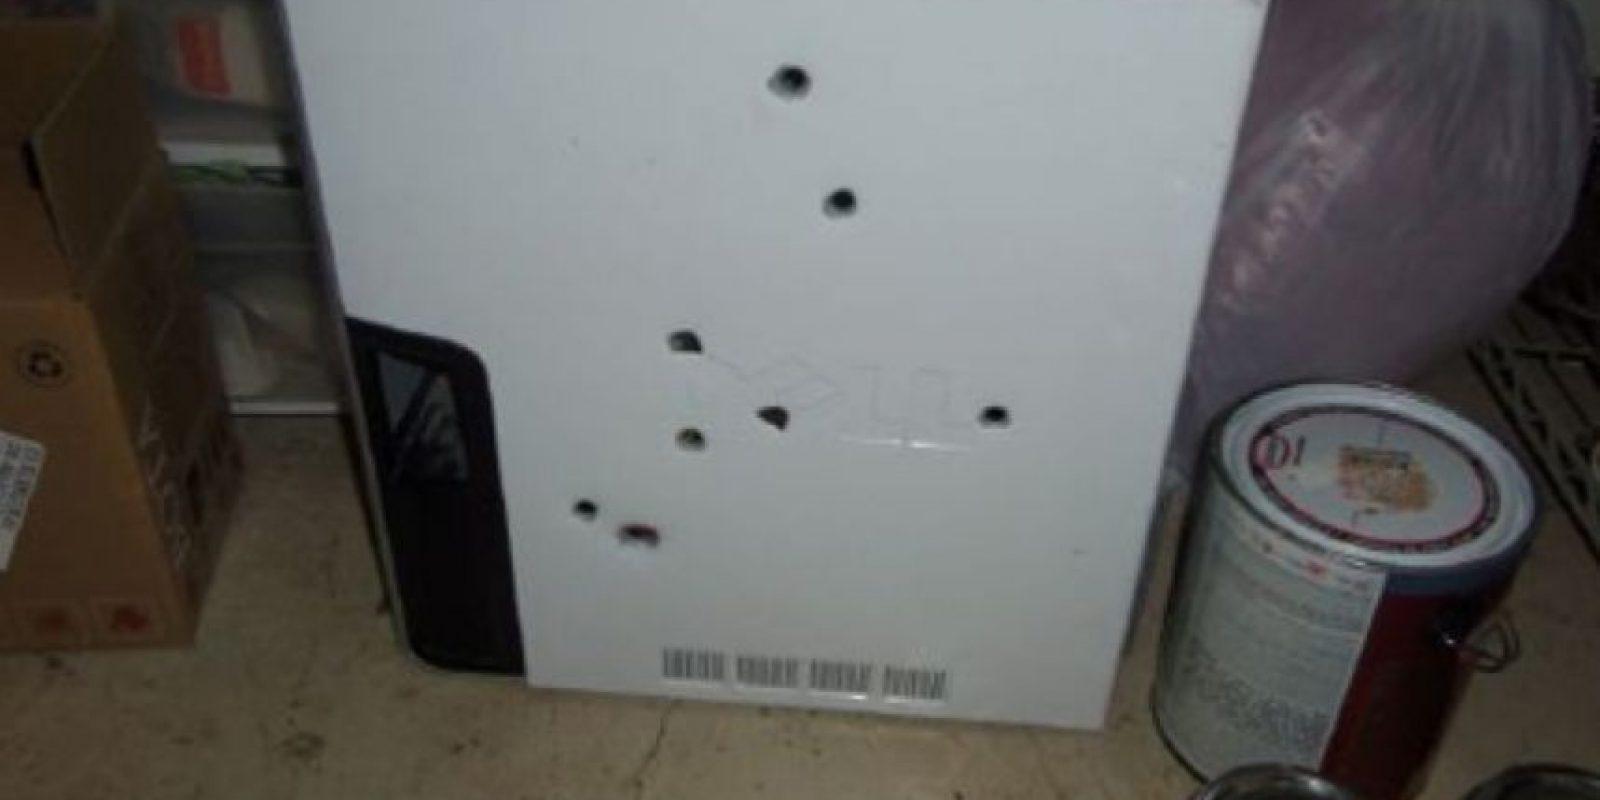 Un hombre en Colorado tiene que comparecer ante un juez por haberle disparado a su computador. Le dio 8 tiros porque lo tenía harto. Foto:vía The Smoking Gun